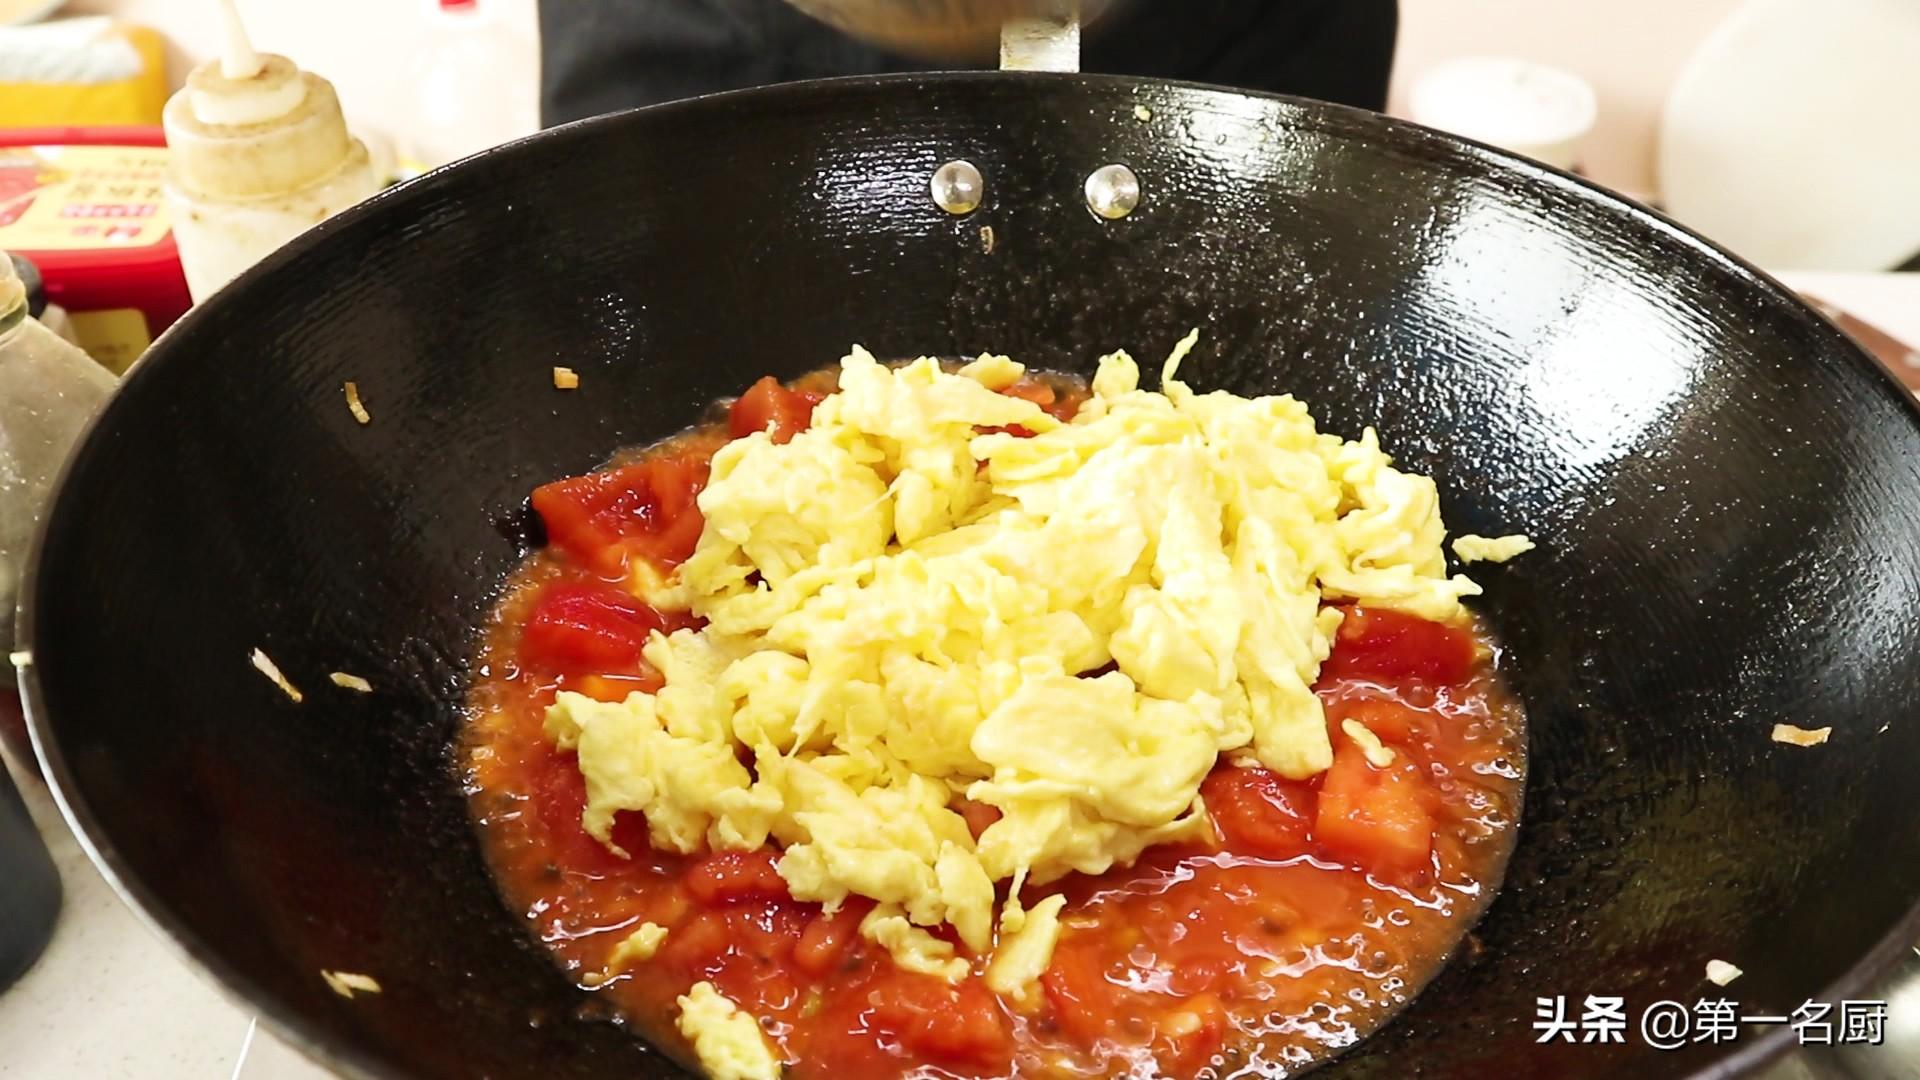 西红柿炒鸡蛋想要做得好吃,关键就在这两步 美食做法 第14张